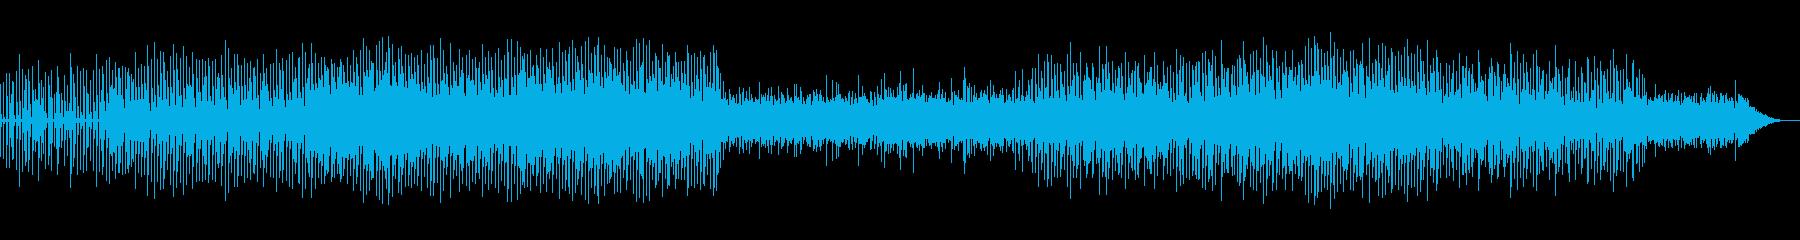 時の流れを感じるBGMの再生済みの波形